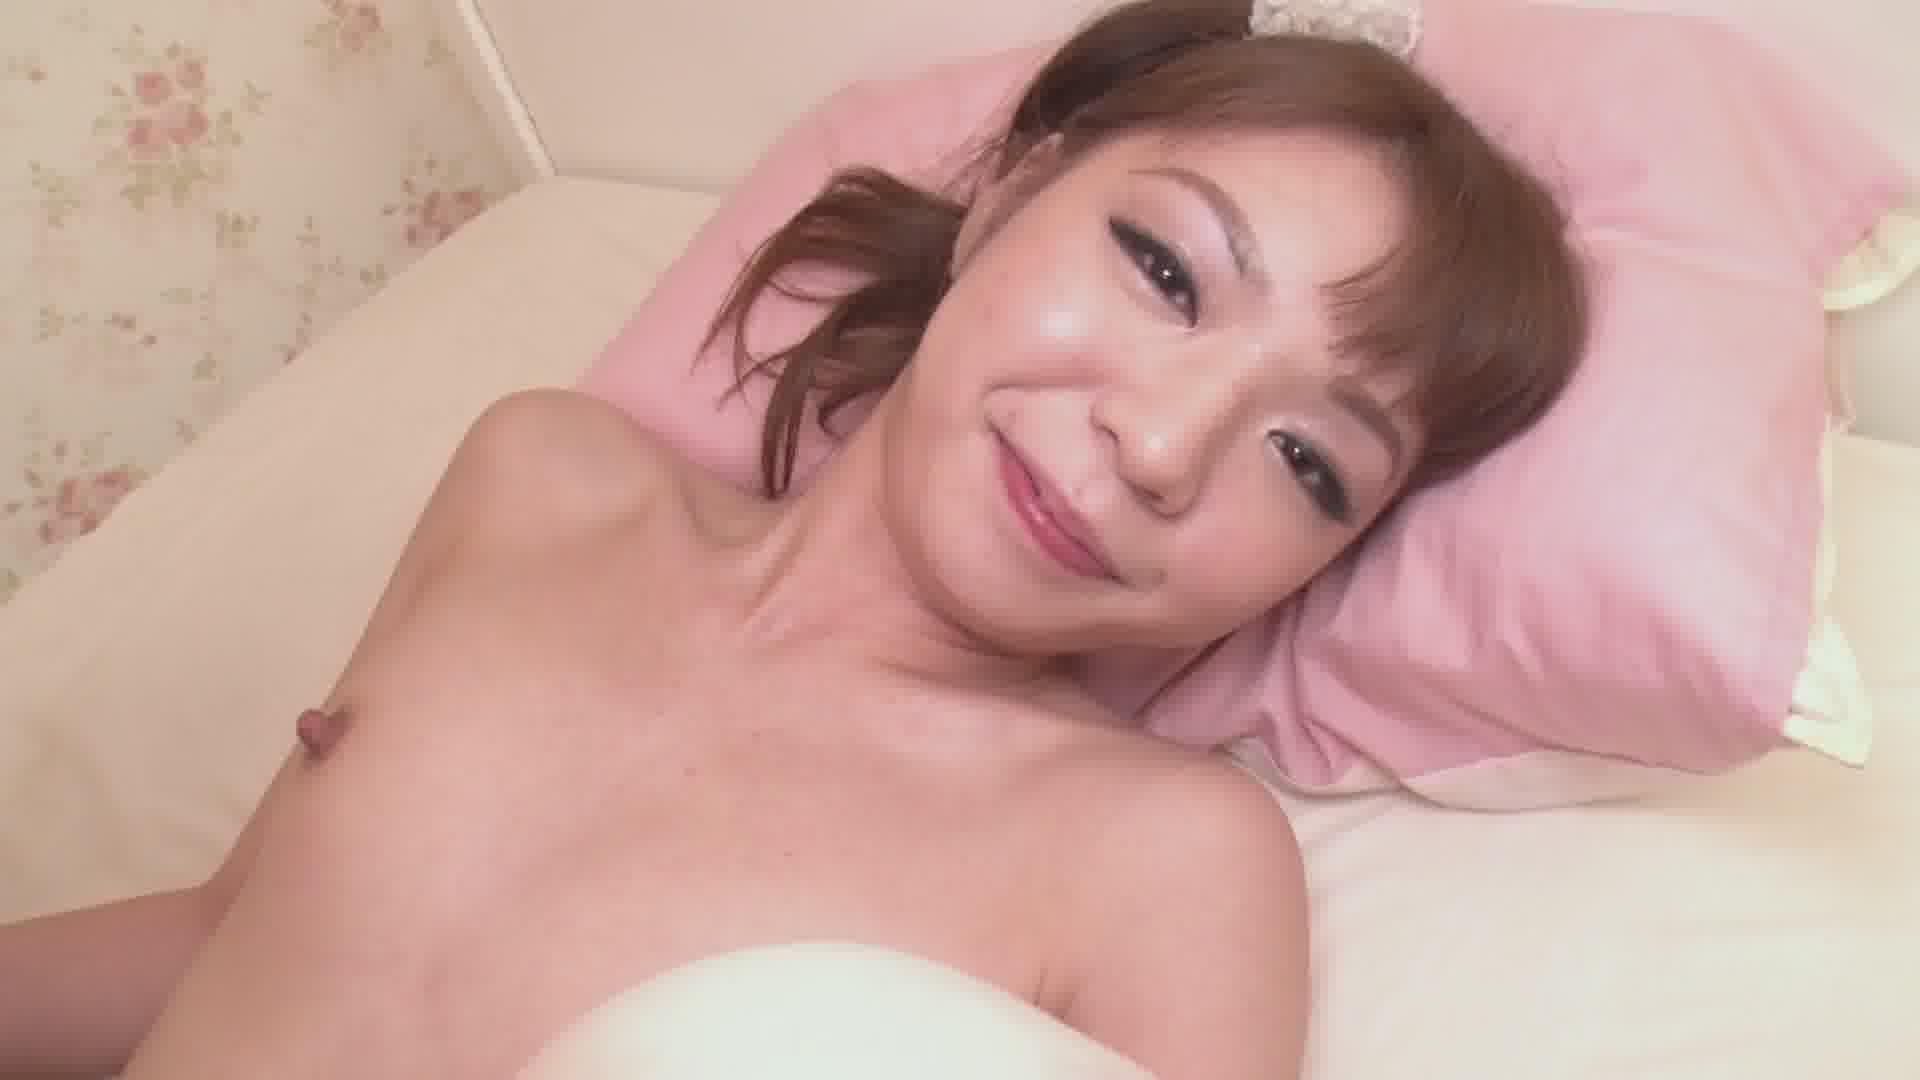 お客を食い物にするガールズバーの女の子 - 栄倉彩【パイパン・スレンダー・中出し】